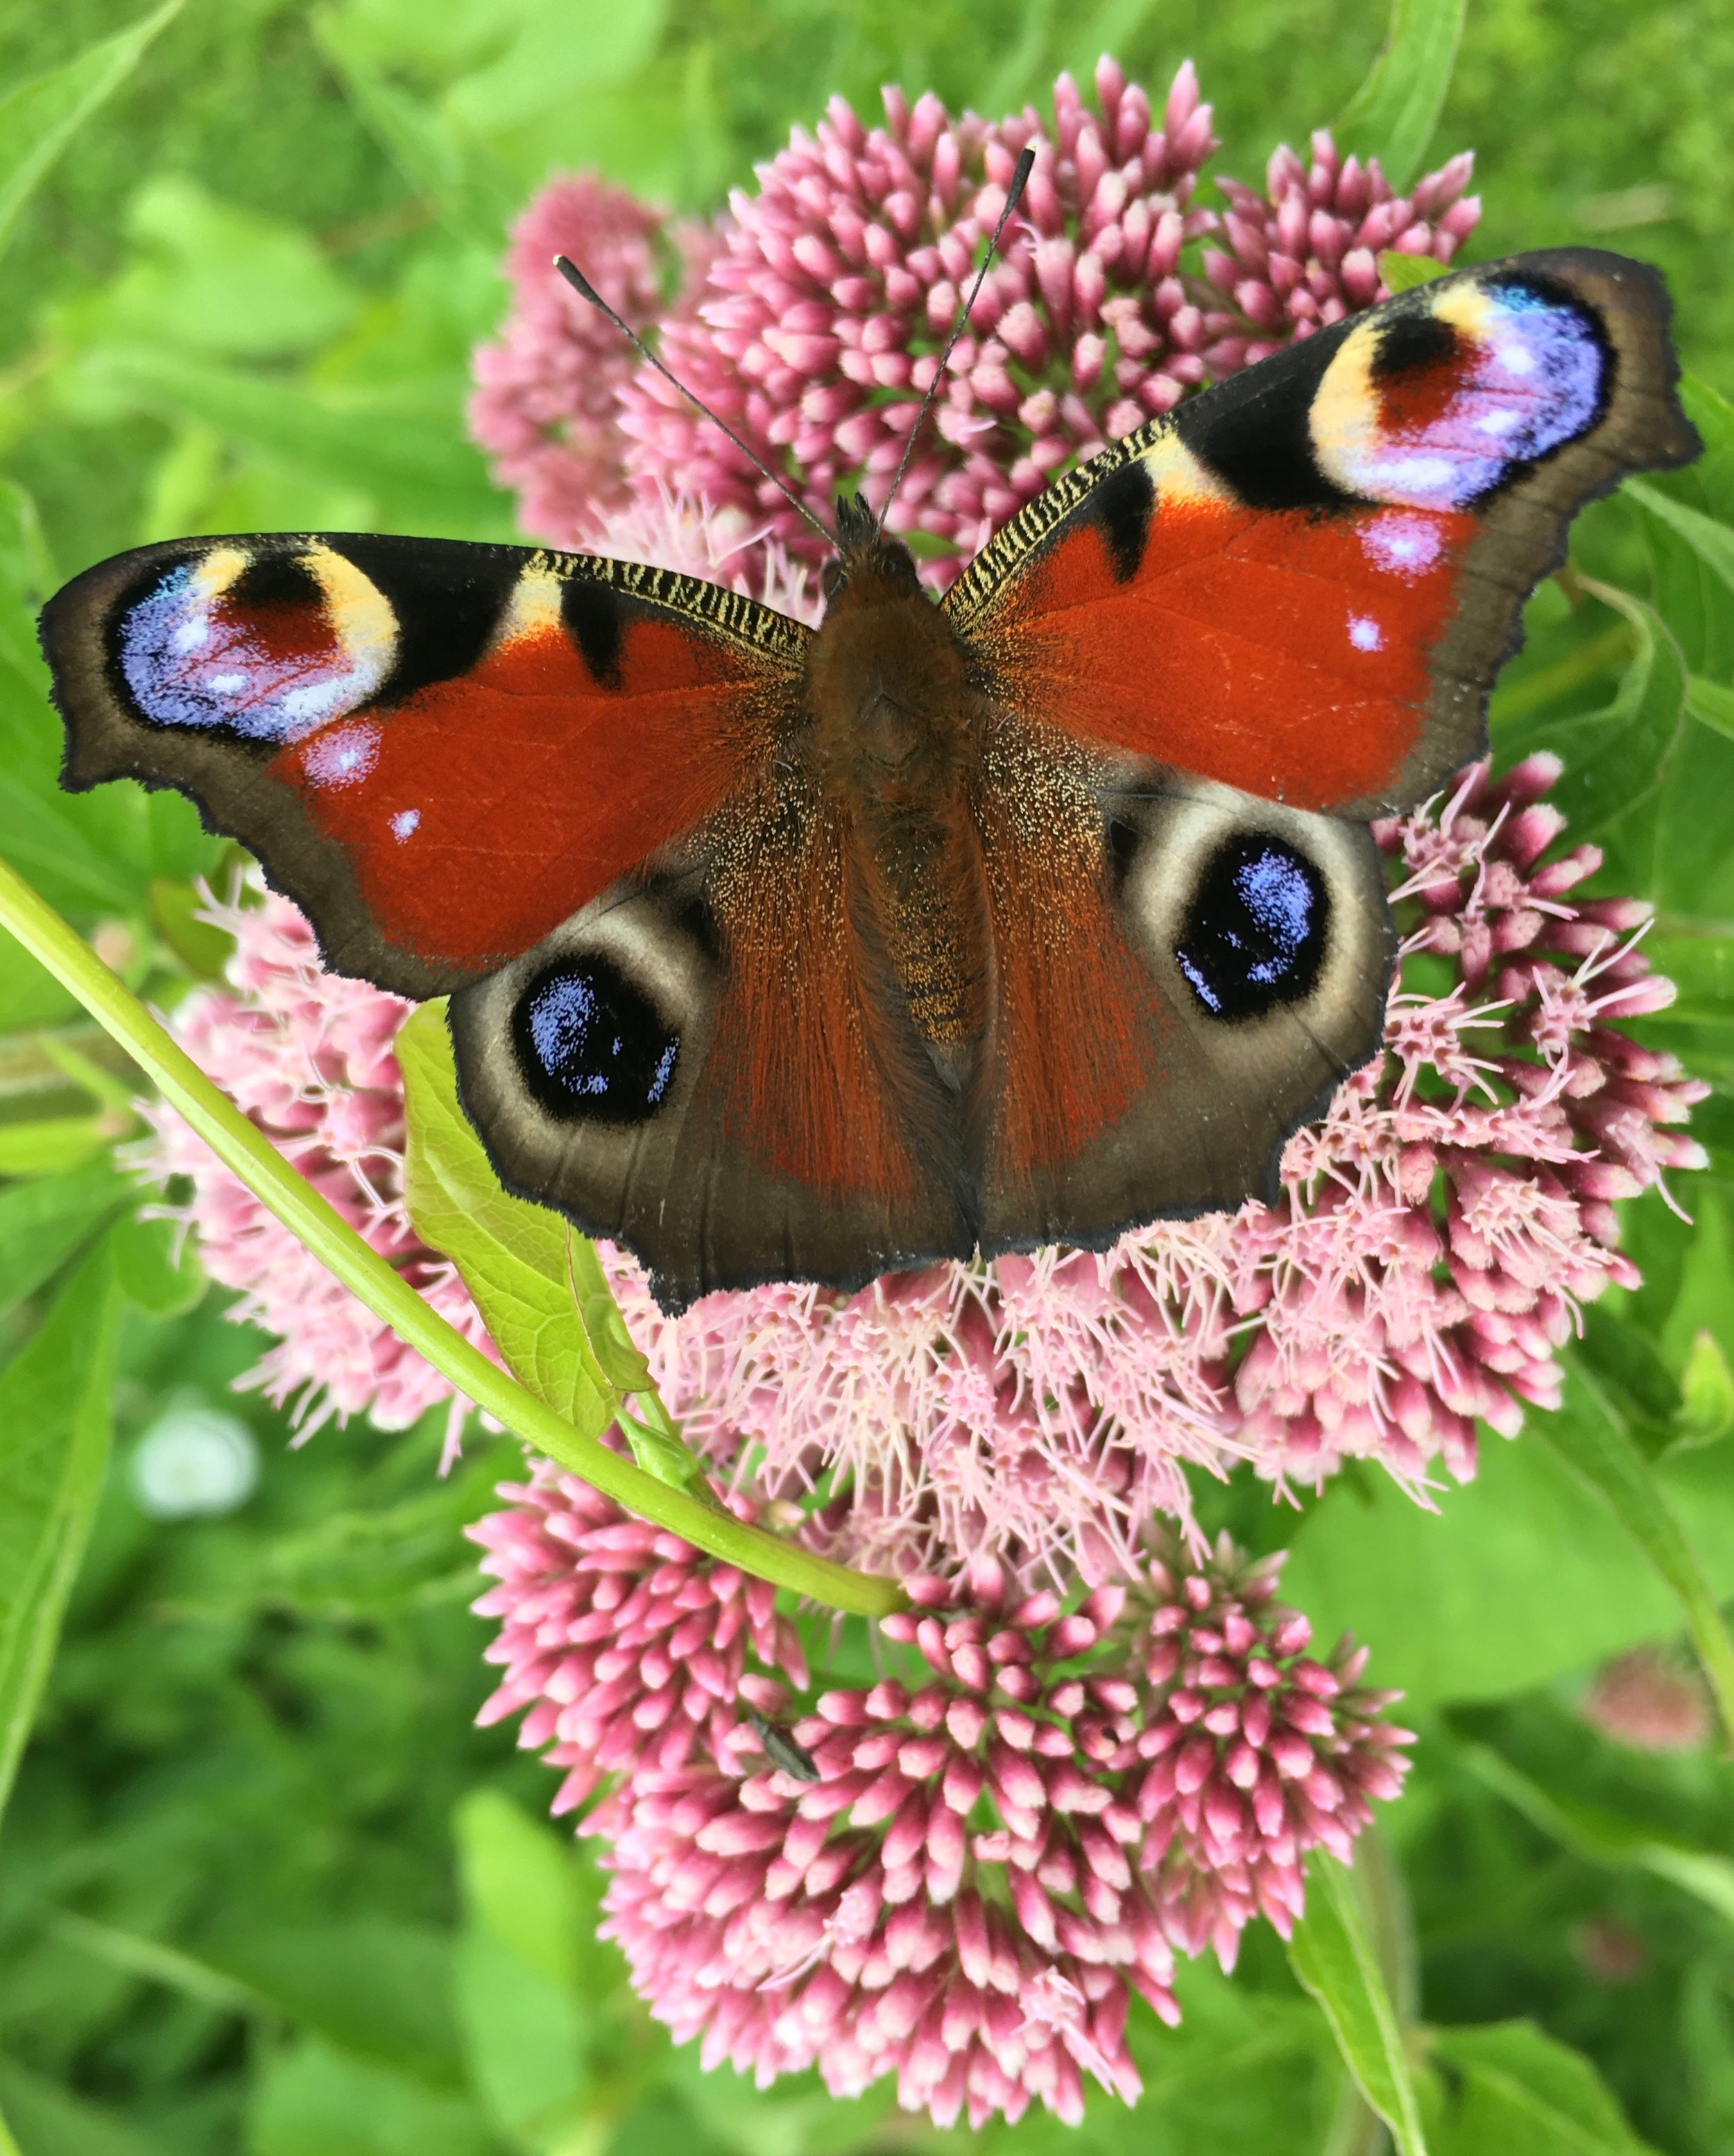 Jeg øver mig i navnene på de sommerfugle, der finder vej til haven og lader brændenælder stå i et hjørne, for der er flere højtspecialiserede sommerfuglelarver som dagpåfugleøje og nældens takvinge, der kun spiser dem.